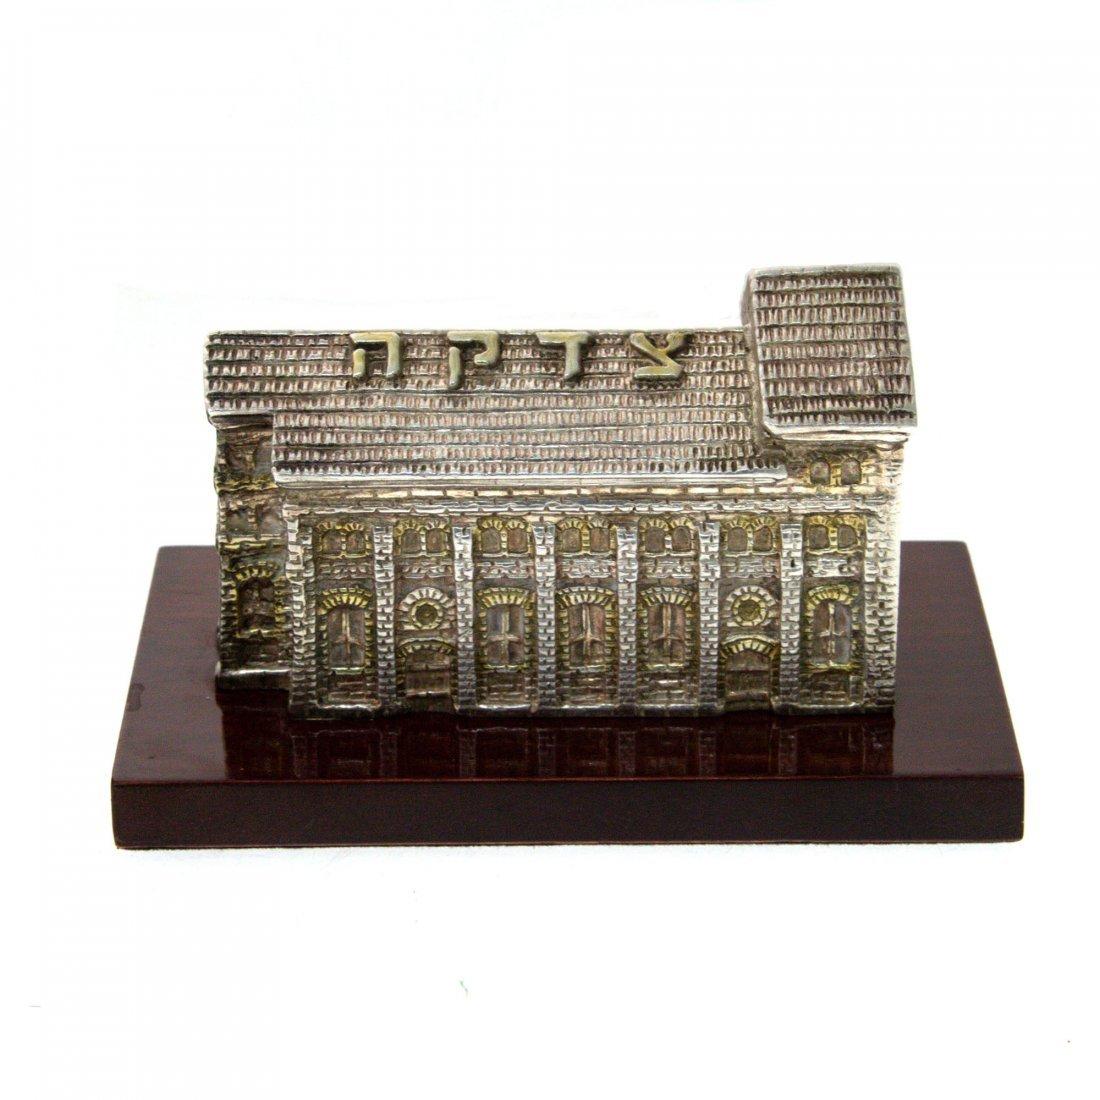 Two Tzedakah Charity Boxes, Judaica. - 2